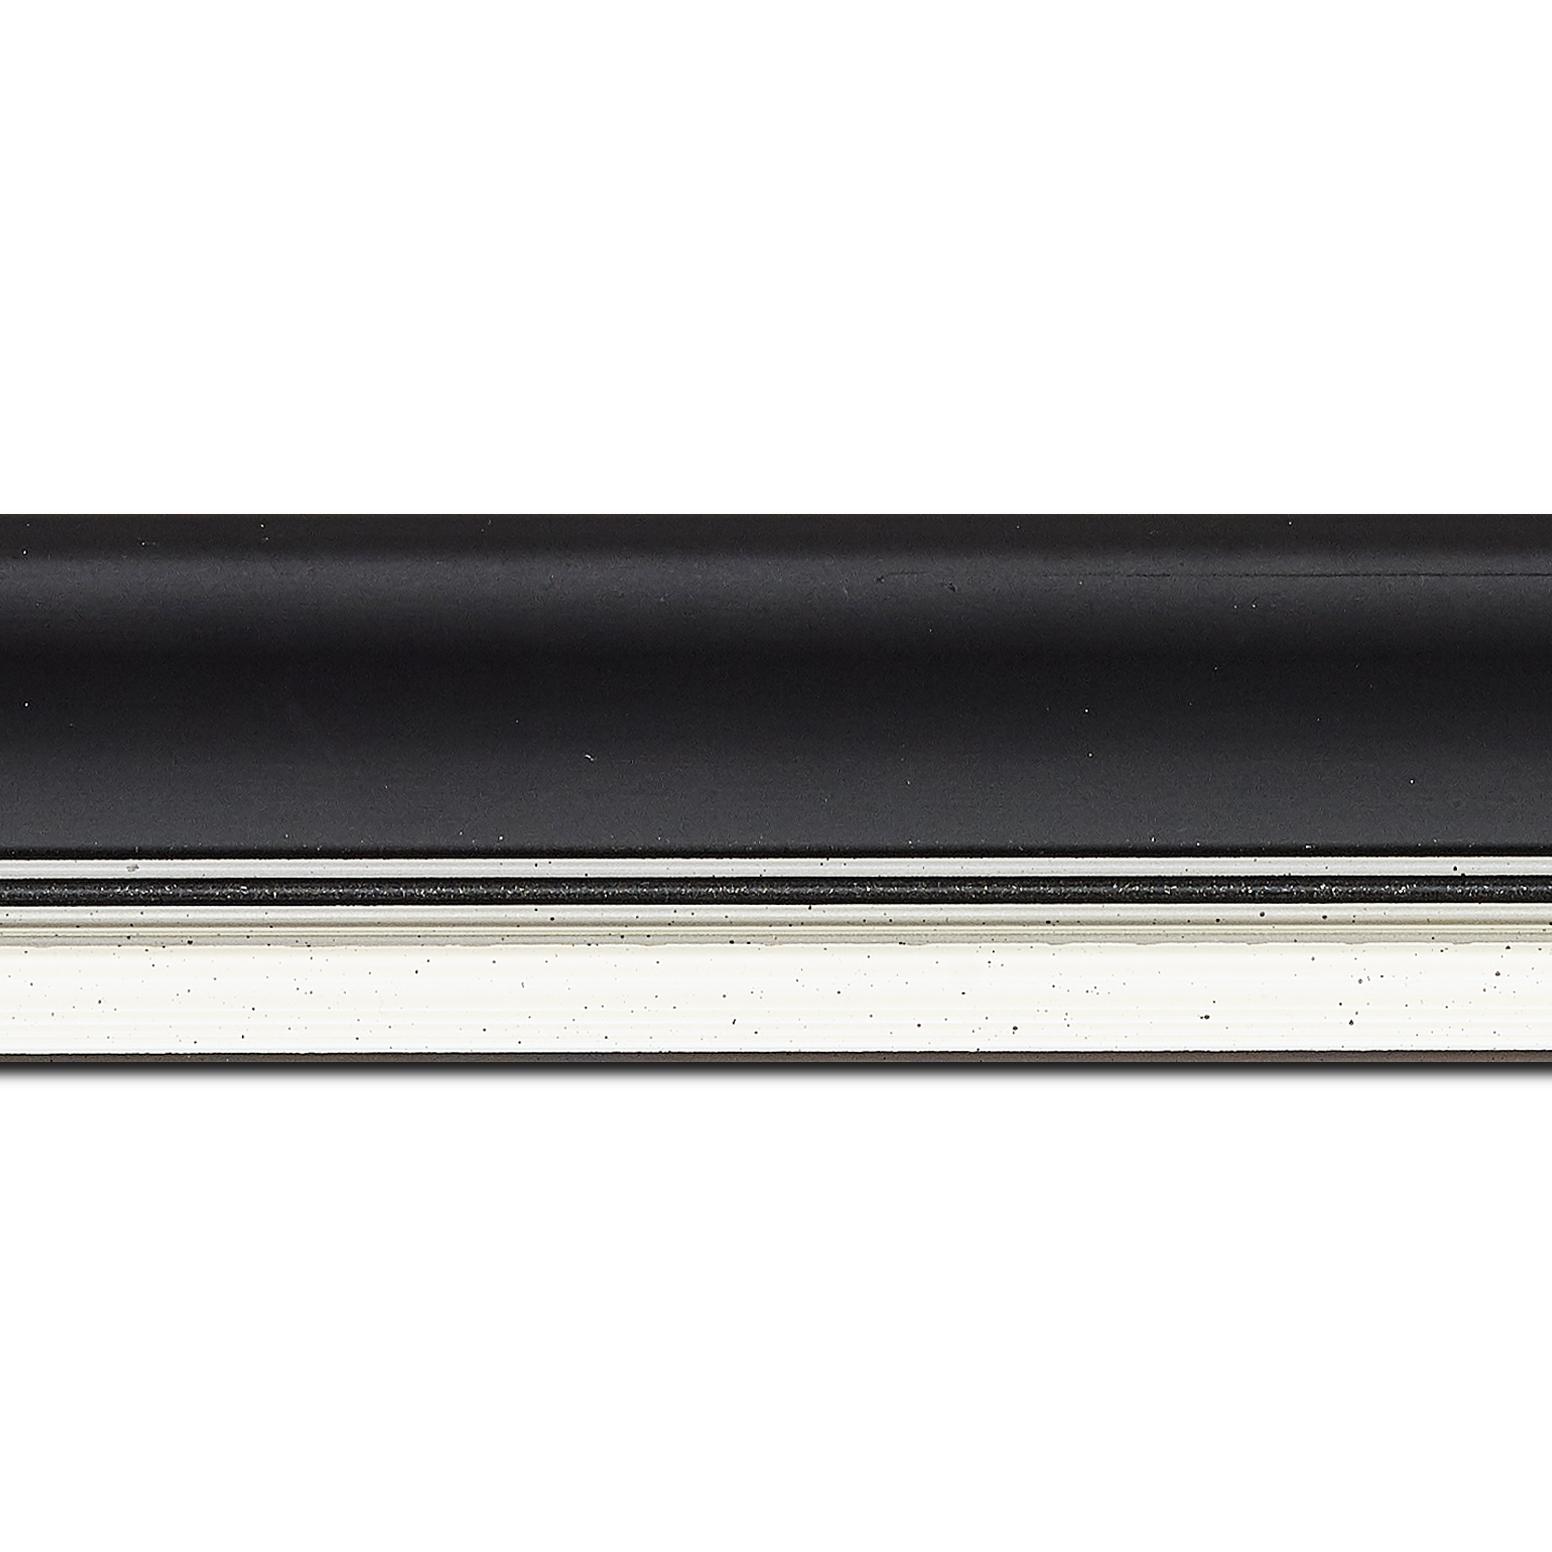 Baguette longueur 1.40m bois profil incurvé largeur 5.7cm de couleur noir mat  marie louise blanche mouchetée filet argent intégré